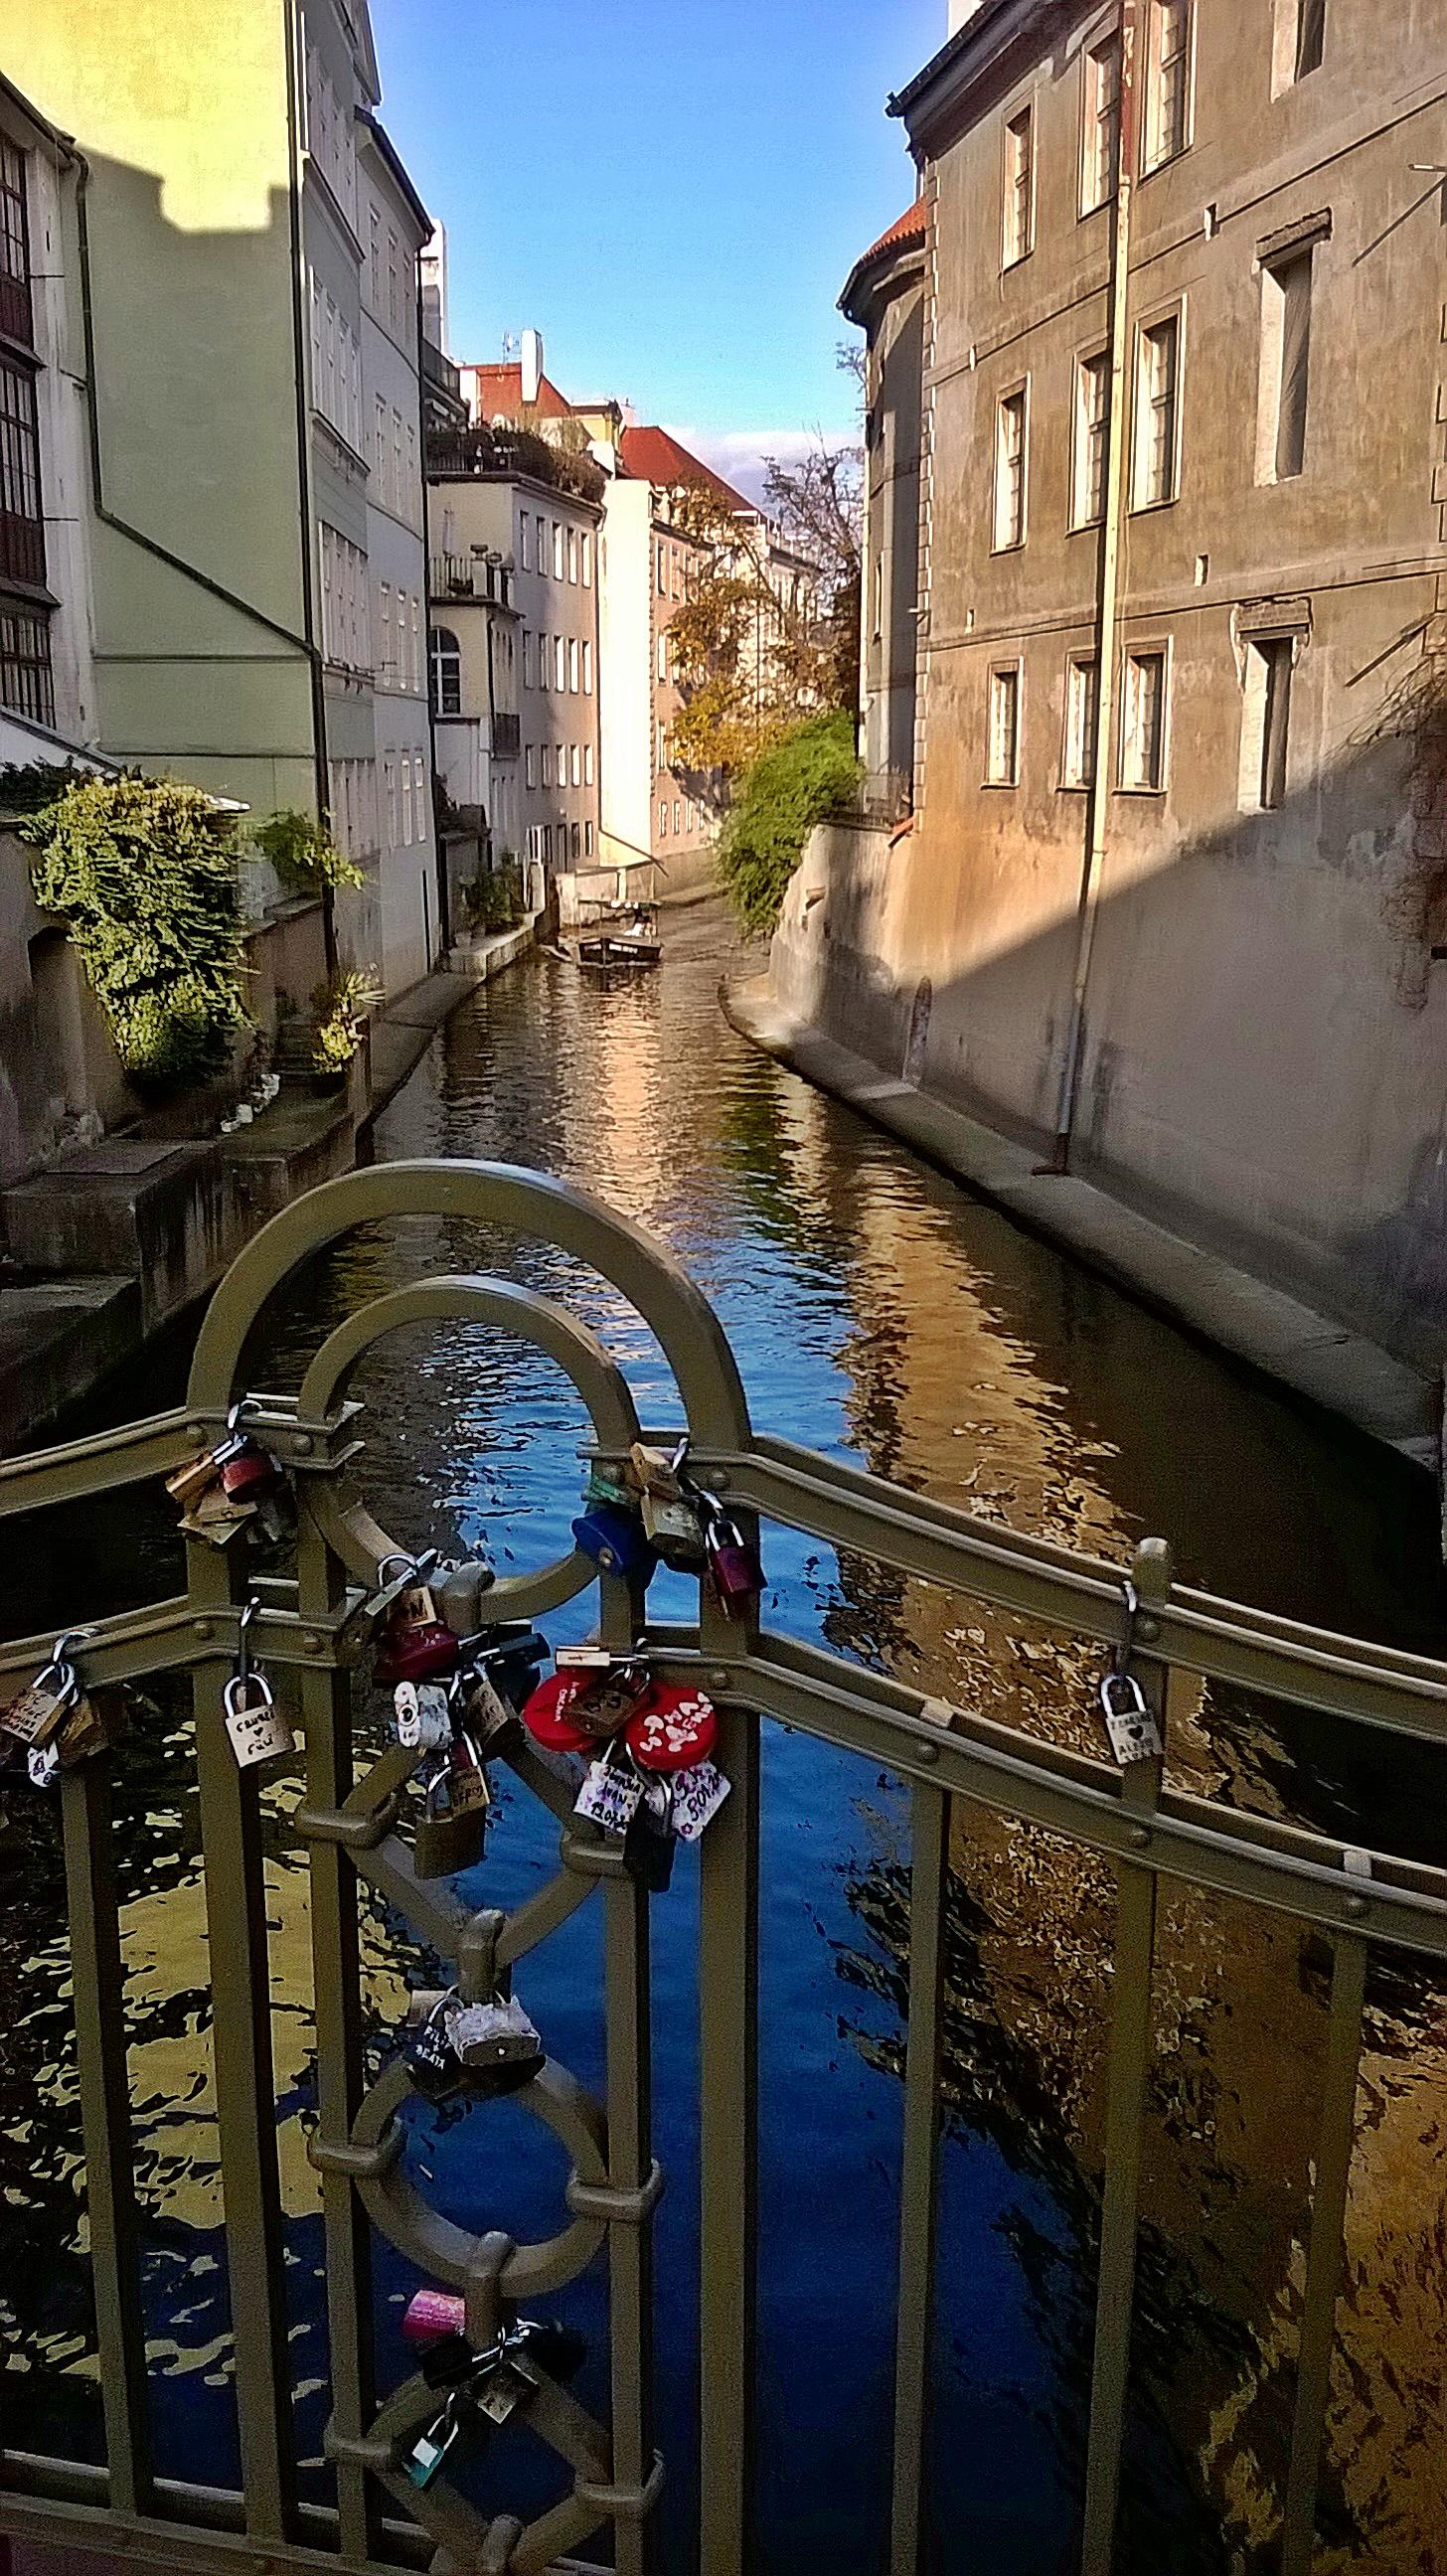 Ezért hívják prágai Velencének. Igen, ott lenn balra laknak...